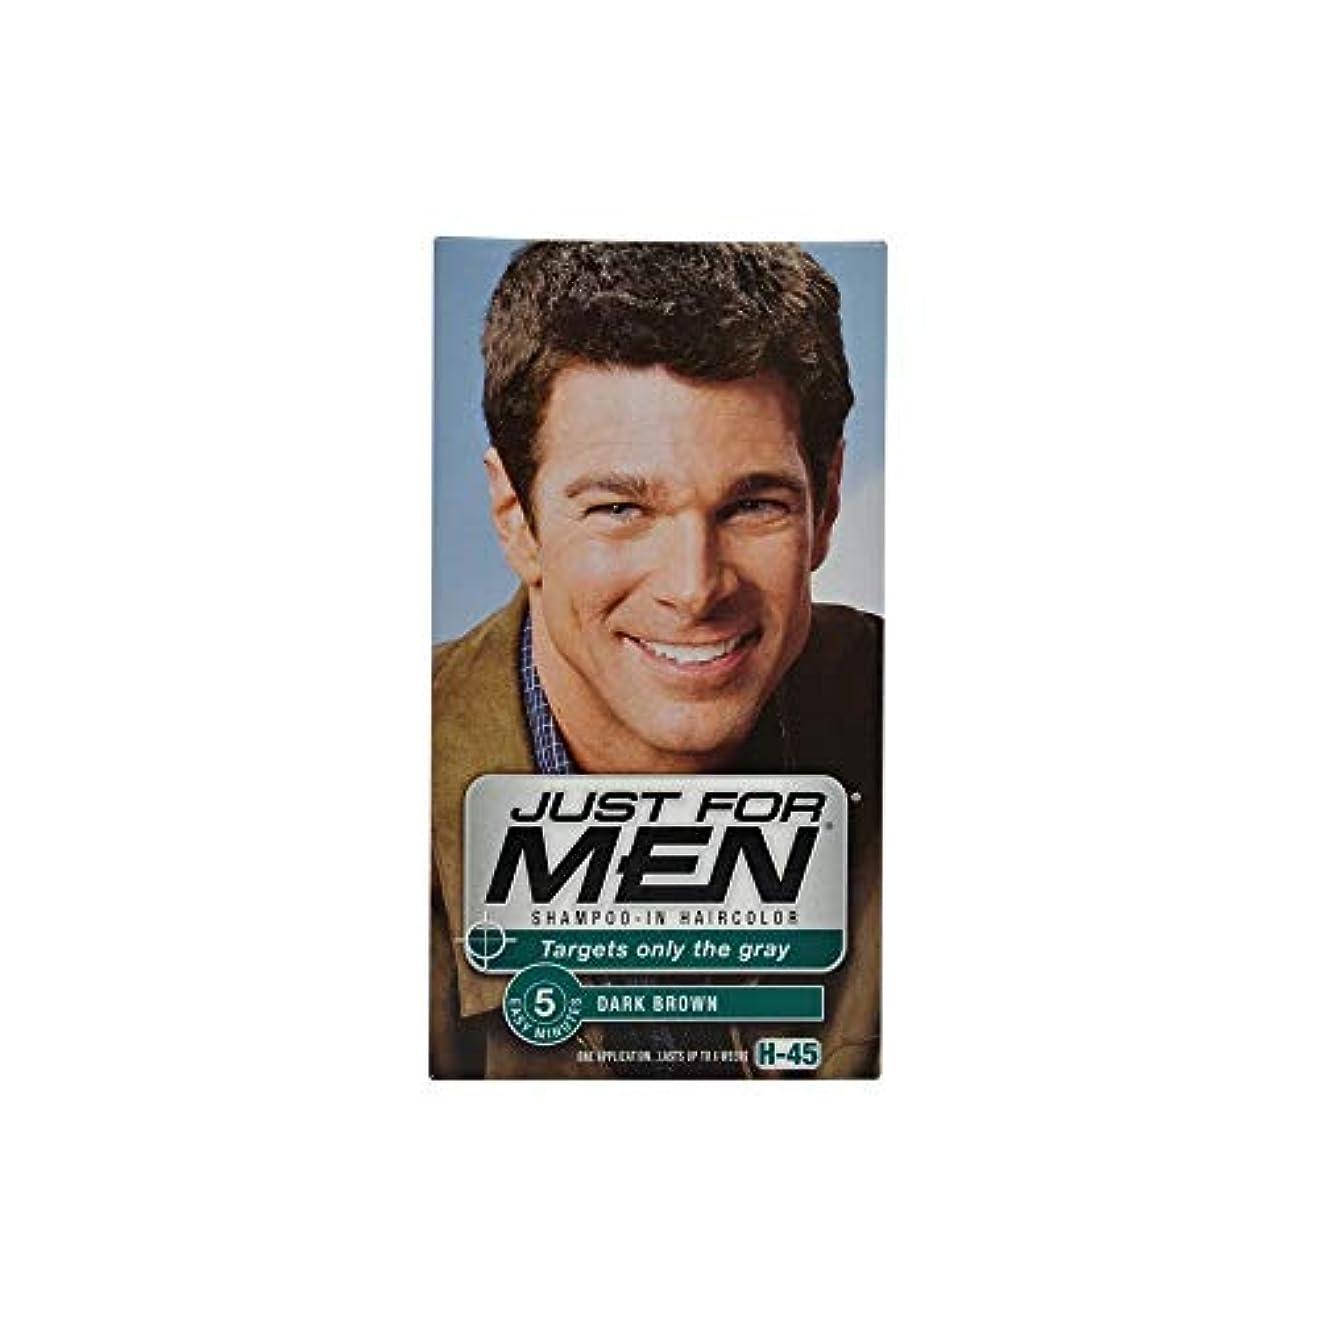 楽観ハンバーガー家Just for Men DK Brwnの#45サイズ1CT#45ダークブラウンヘアカラー